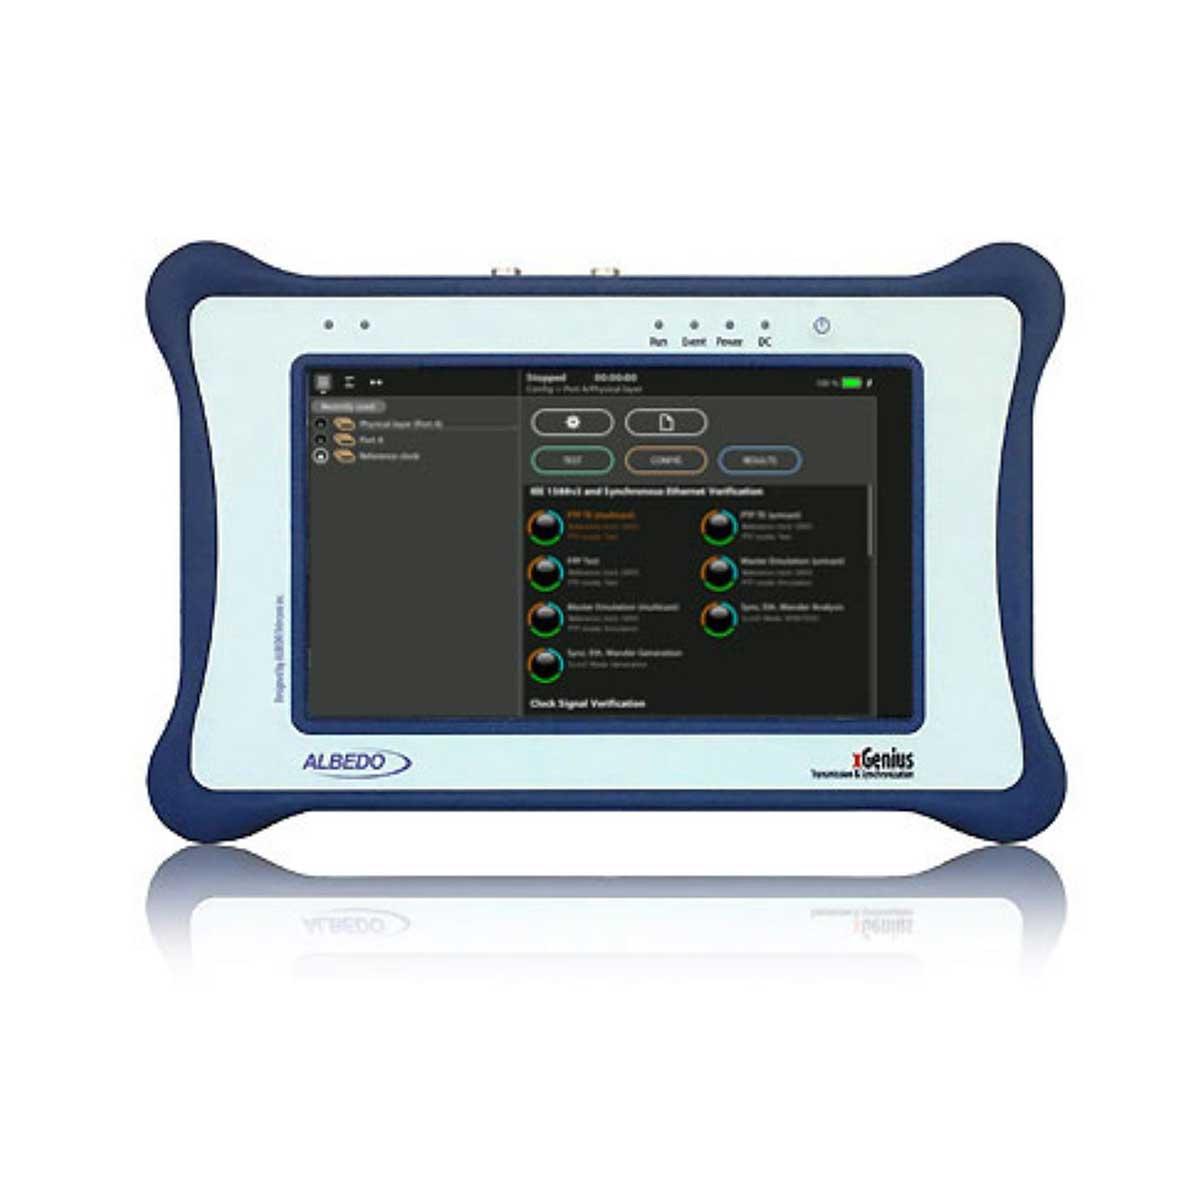 Probador Ethernet / PTP / SyncE T1 / E1 / E0 / Datacom C3794 / OWD Albedo xGenius xGenius